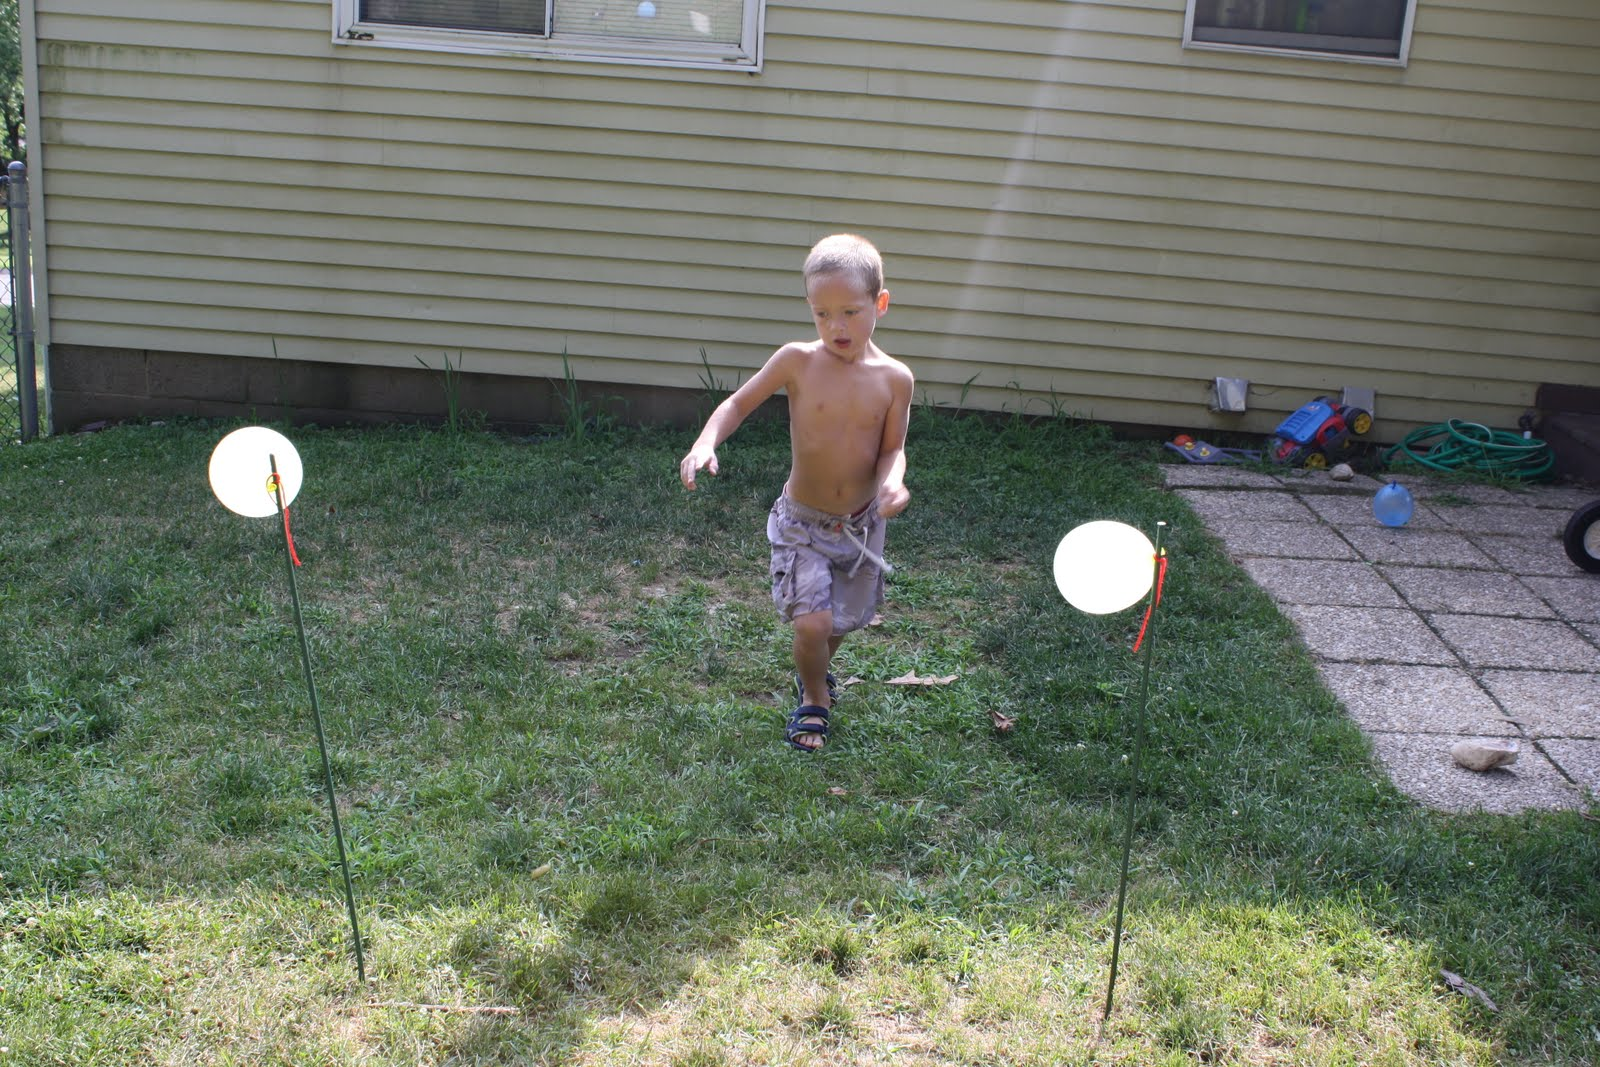 Những thử thách vượt chướng ngại vật khiến trẻ mê mẩn (Ảnh: myfourps)